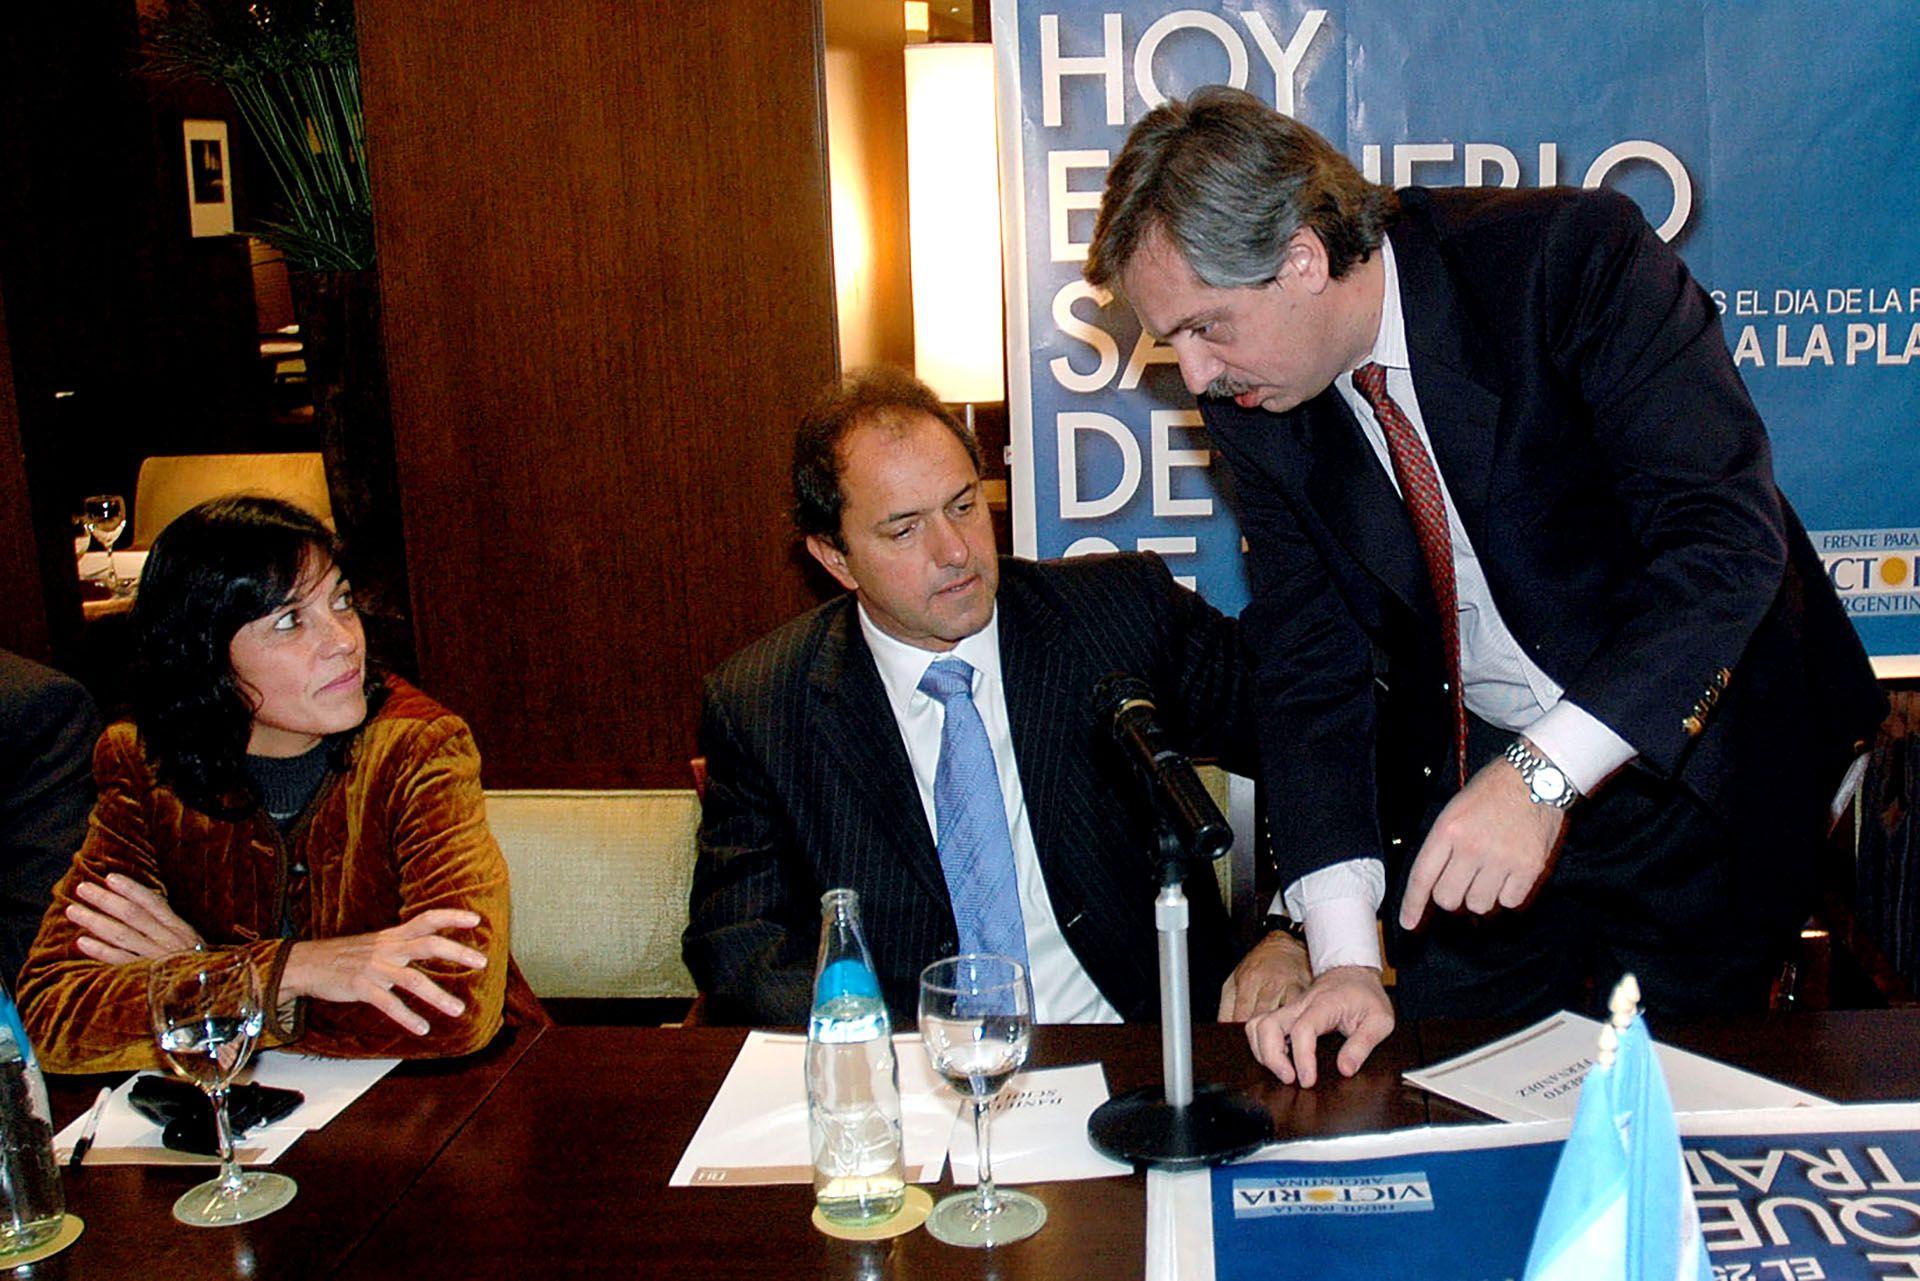 En el 2007 inició su relación con Vilma Ibarra,  hermana del entonces jefe de Gobierno de la Ciudad de Buenos Aires, Aníbal Ibarra. Luego de separarse, mantuvieron un vínculo de confiaza y amistad con la futura titular de la Secretaría Legal y Técnica de la Presidencia.